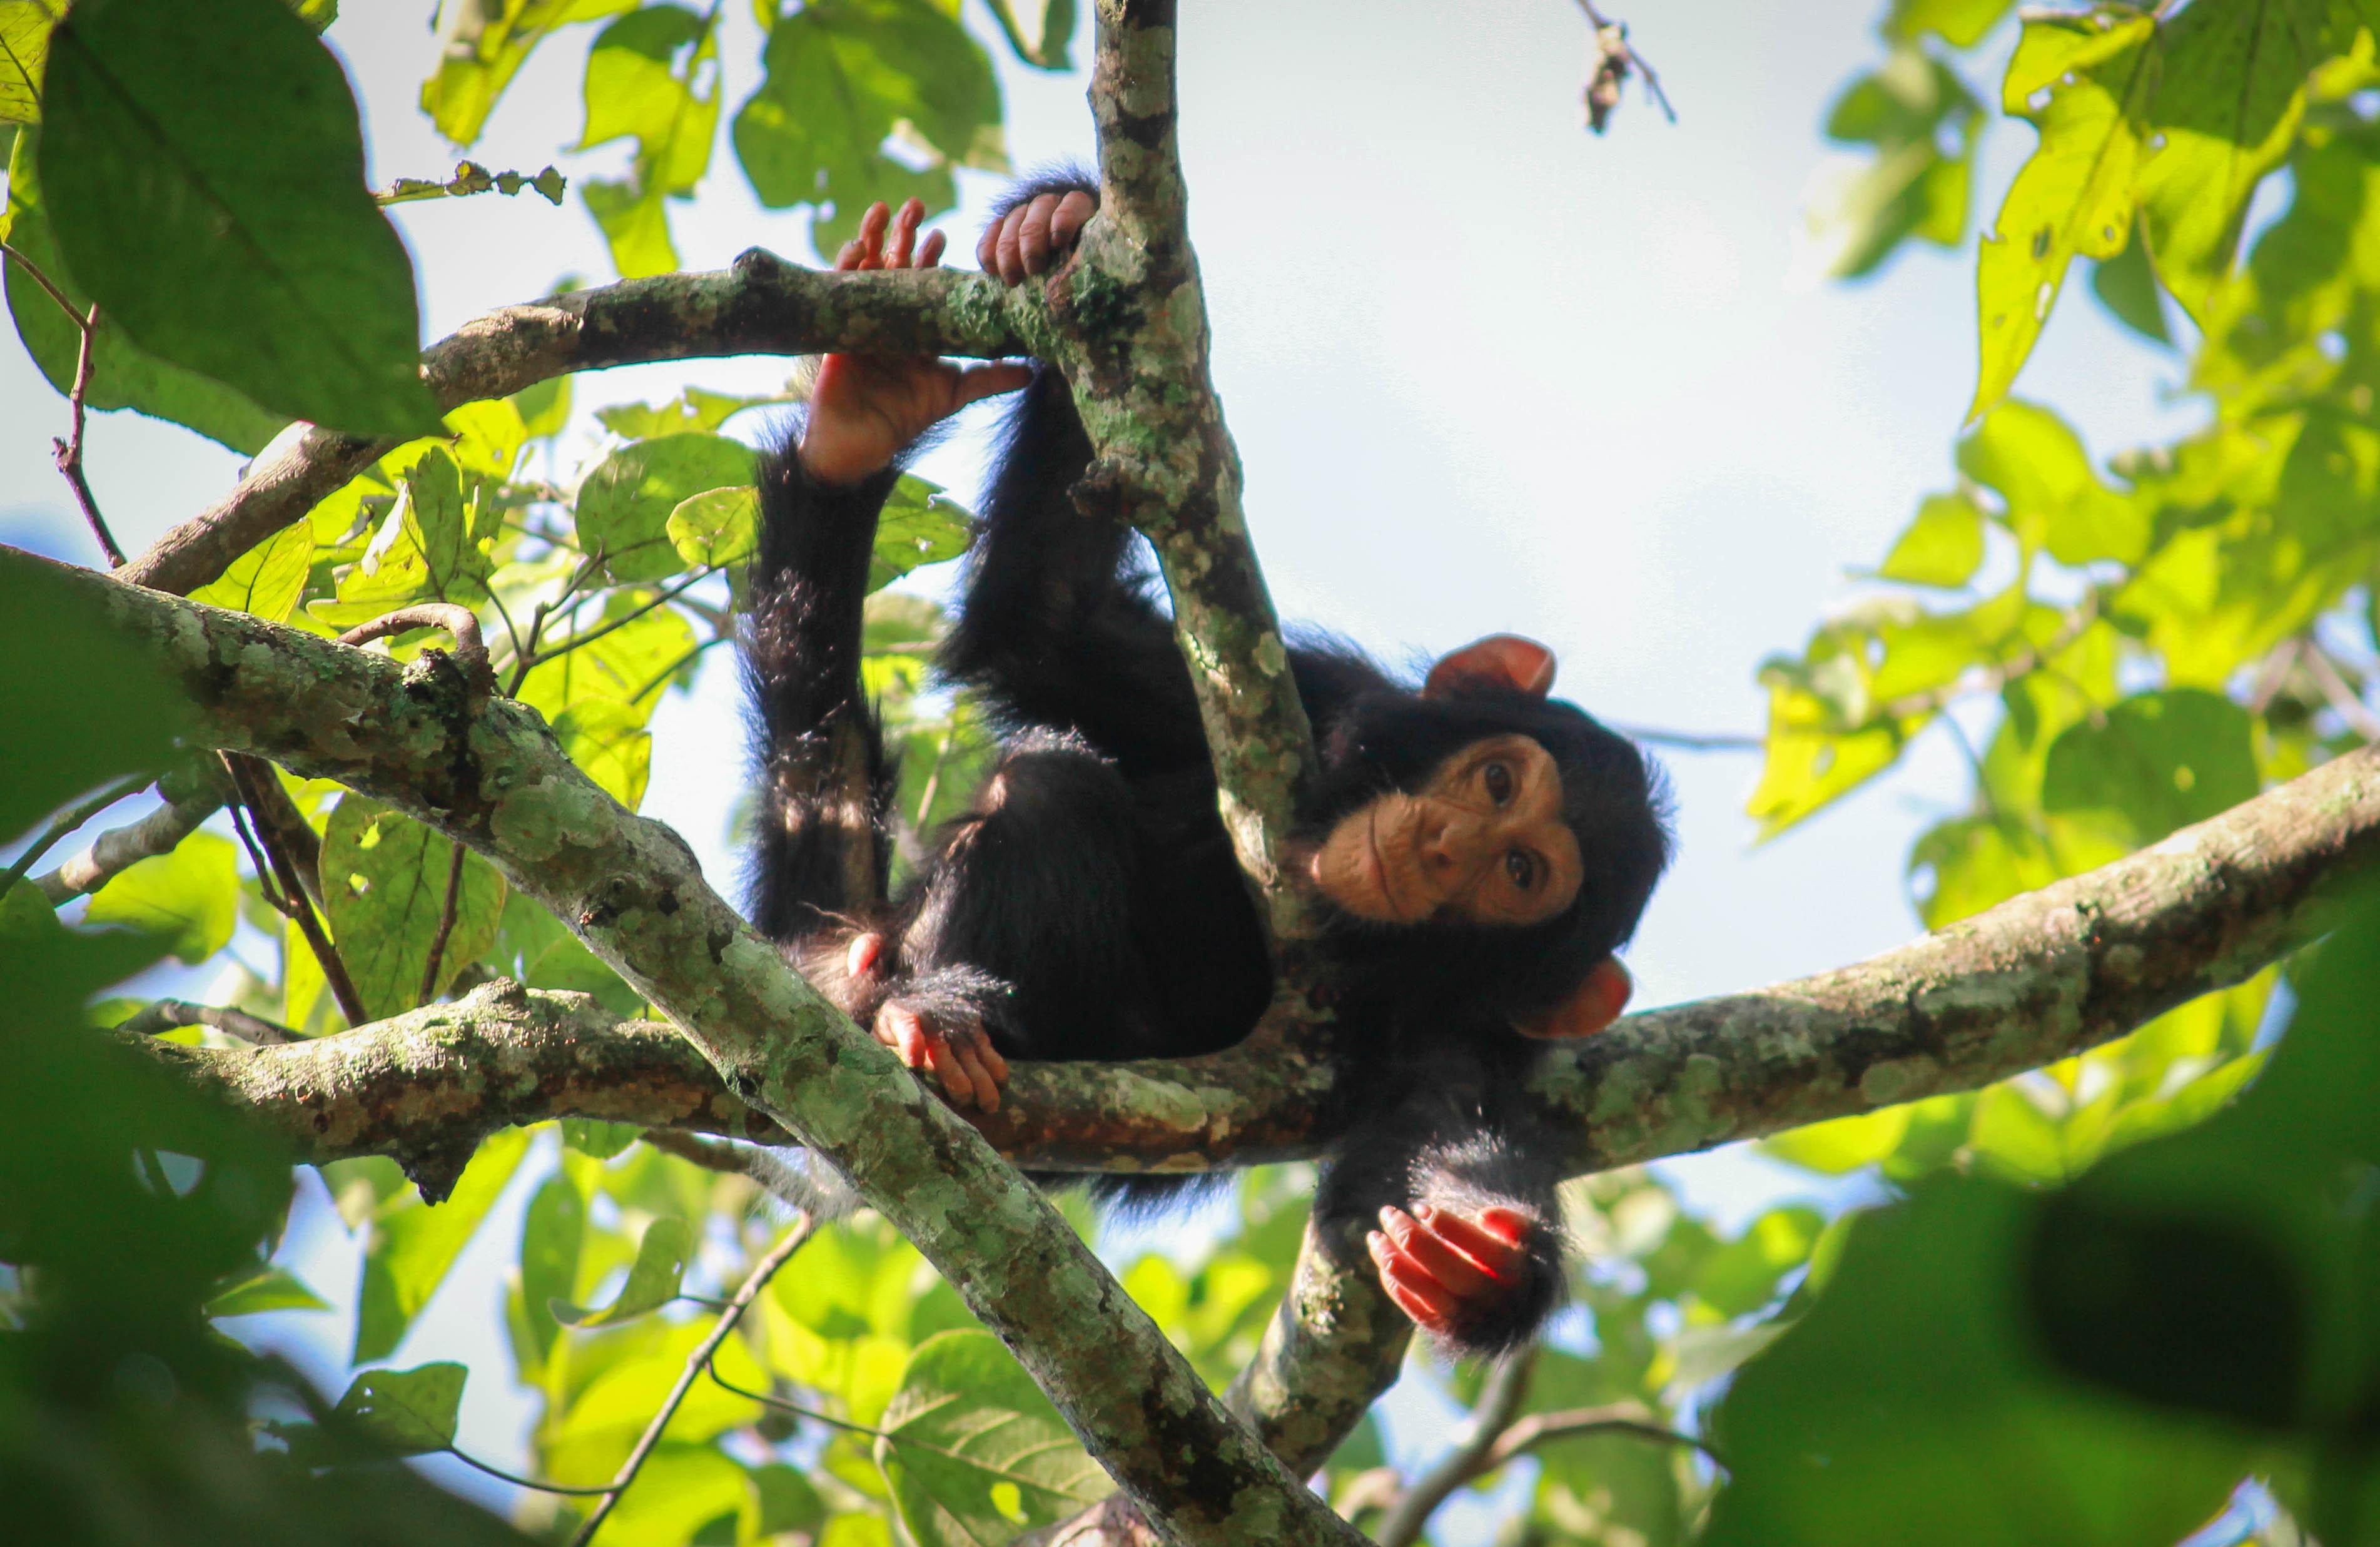 Iris-Chimpanzee baby